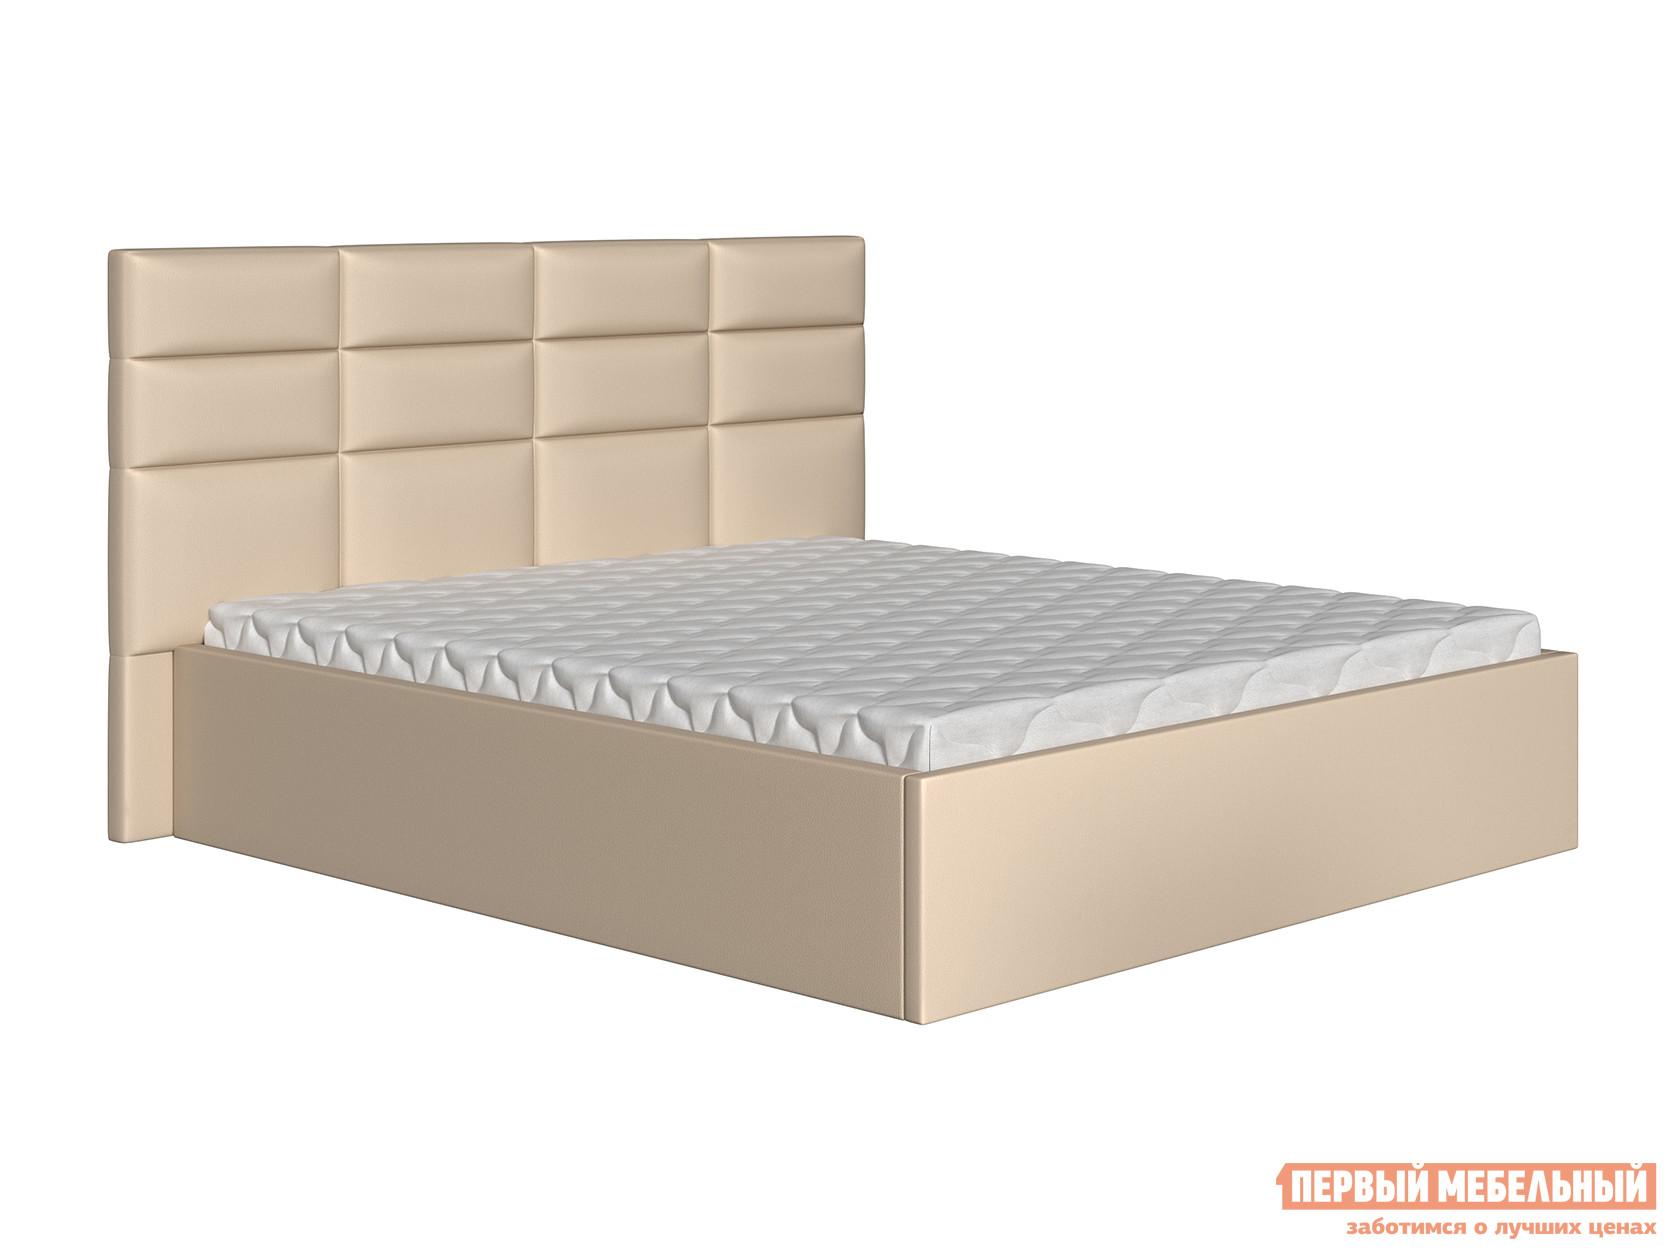 Двуспальная кровать  Кровать Коста Бежевый, экокожа, 160х200 см